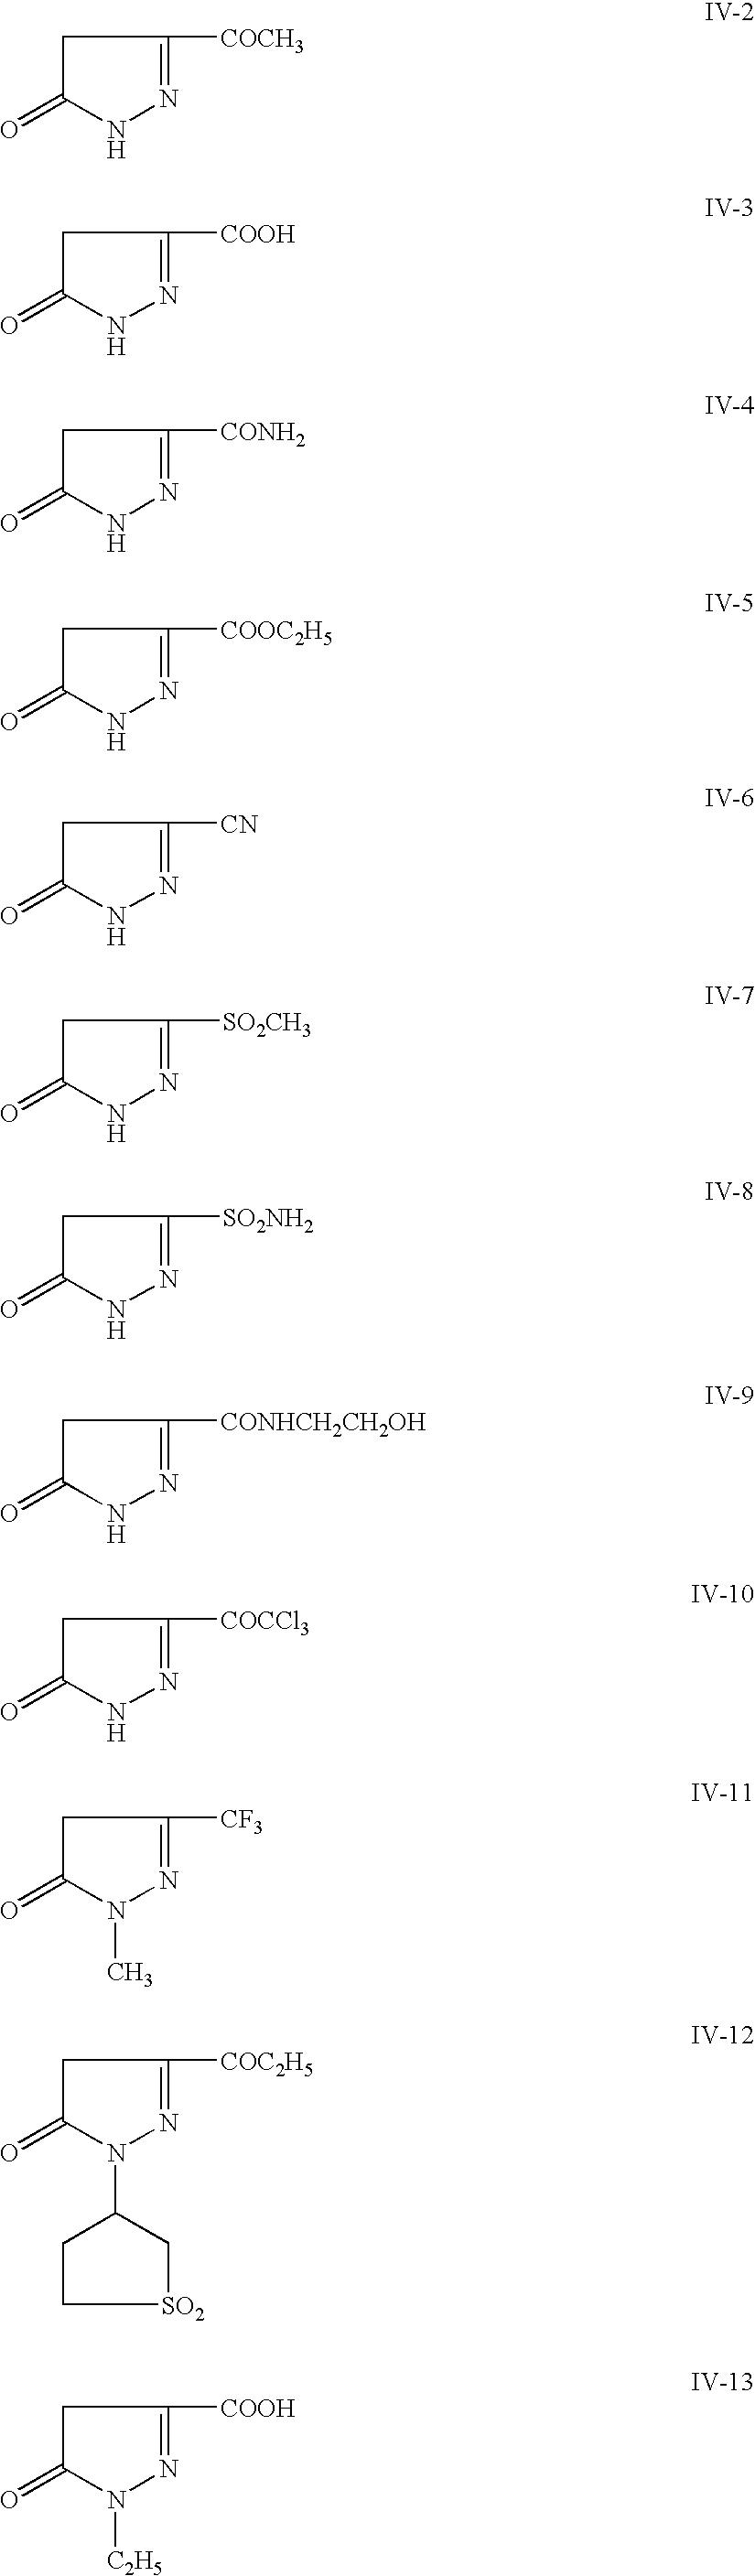 Figure US06495225-20021217-C00008